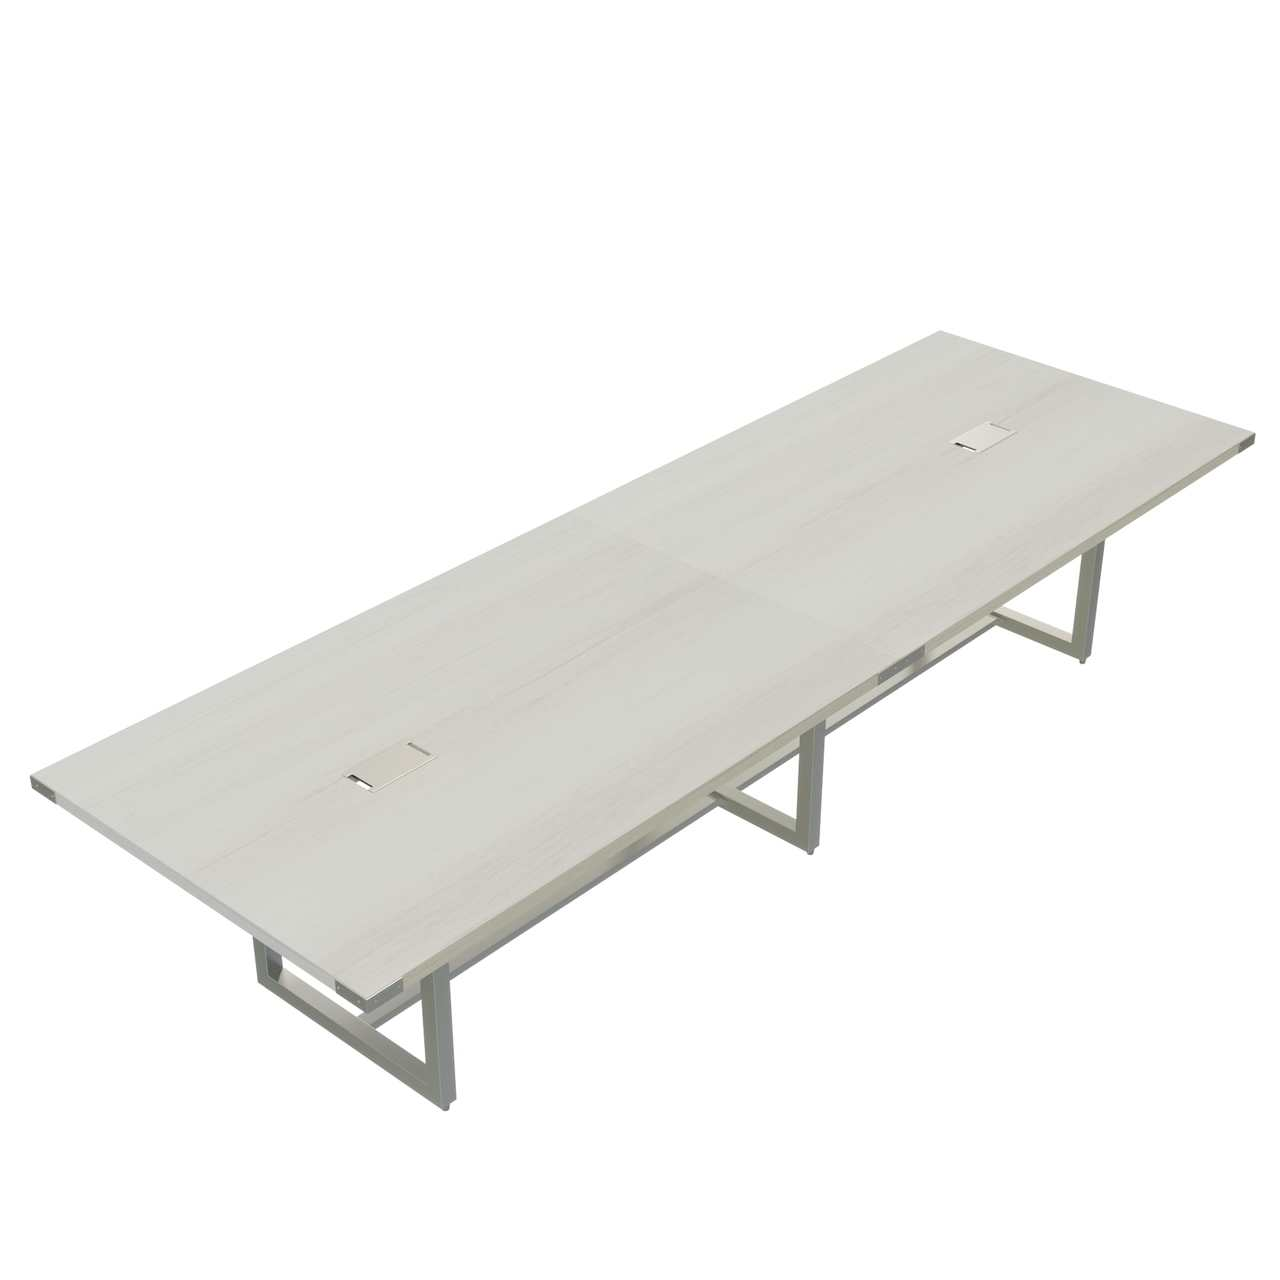 mirella white ash 12' conference table